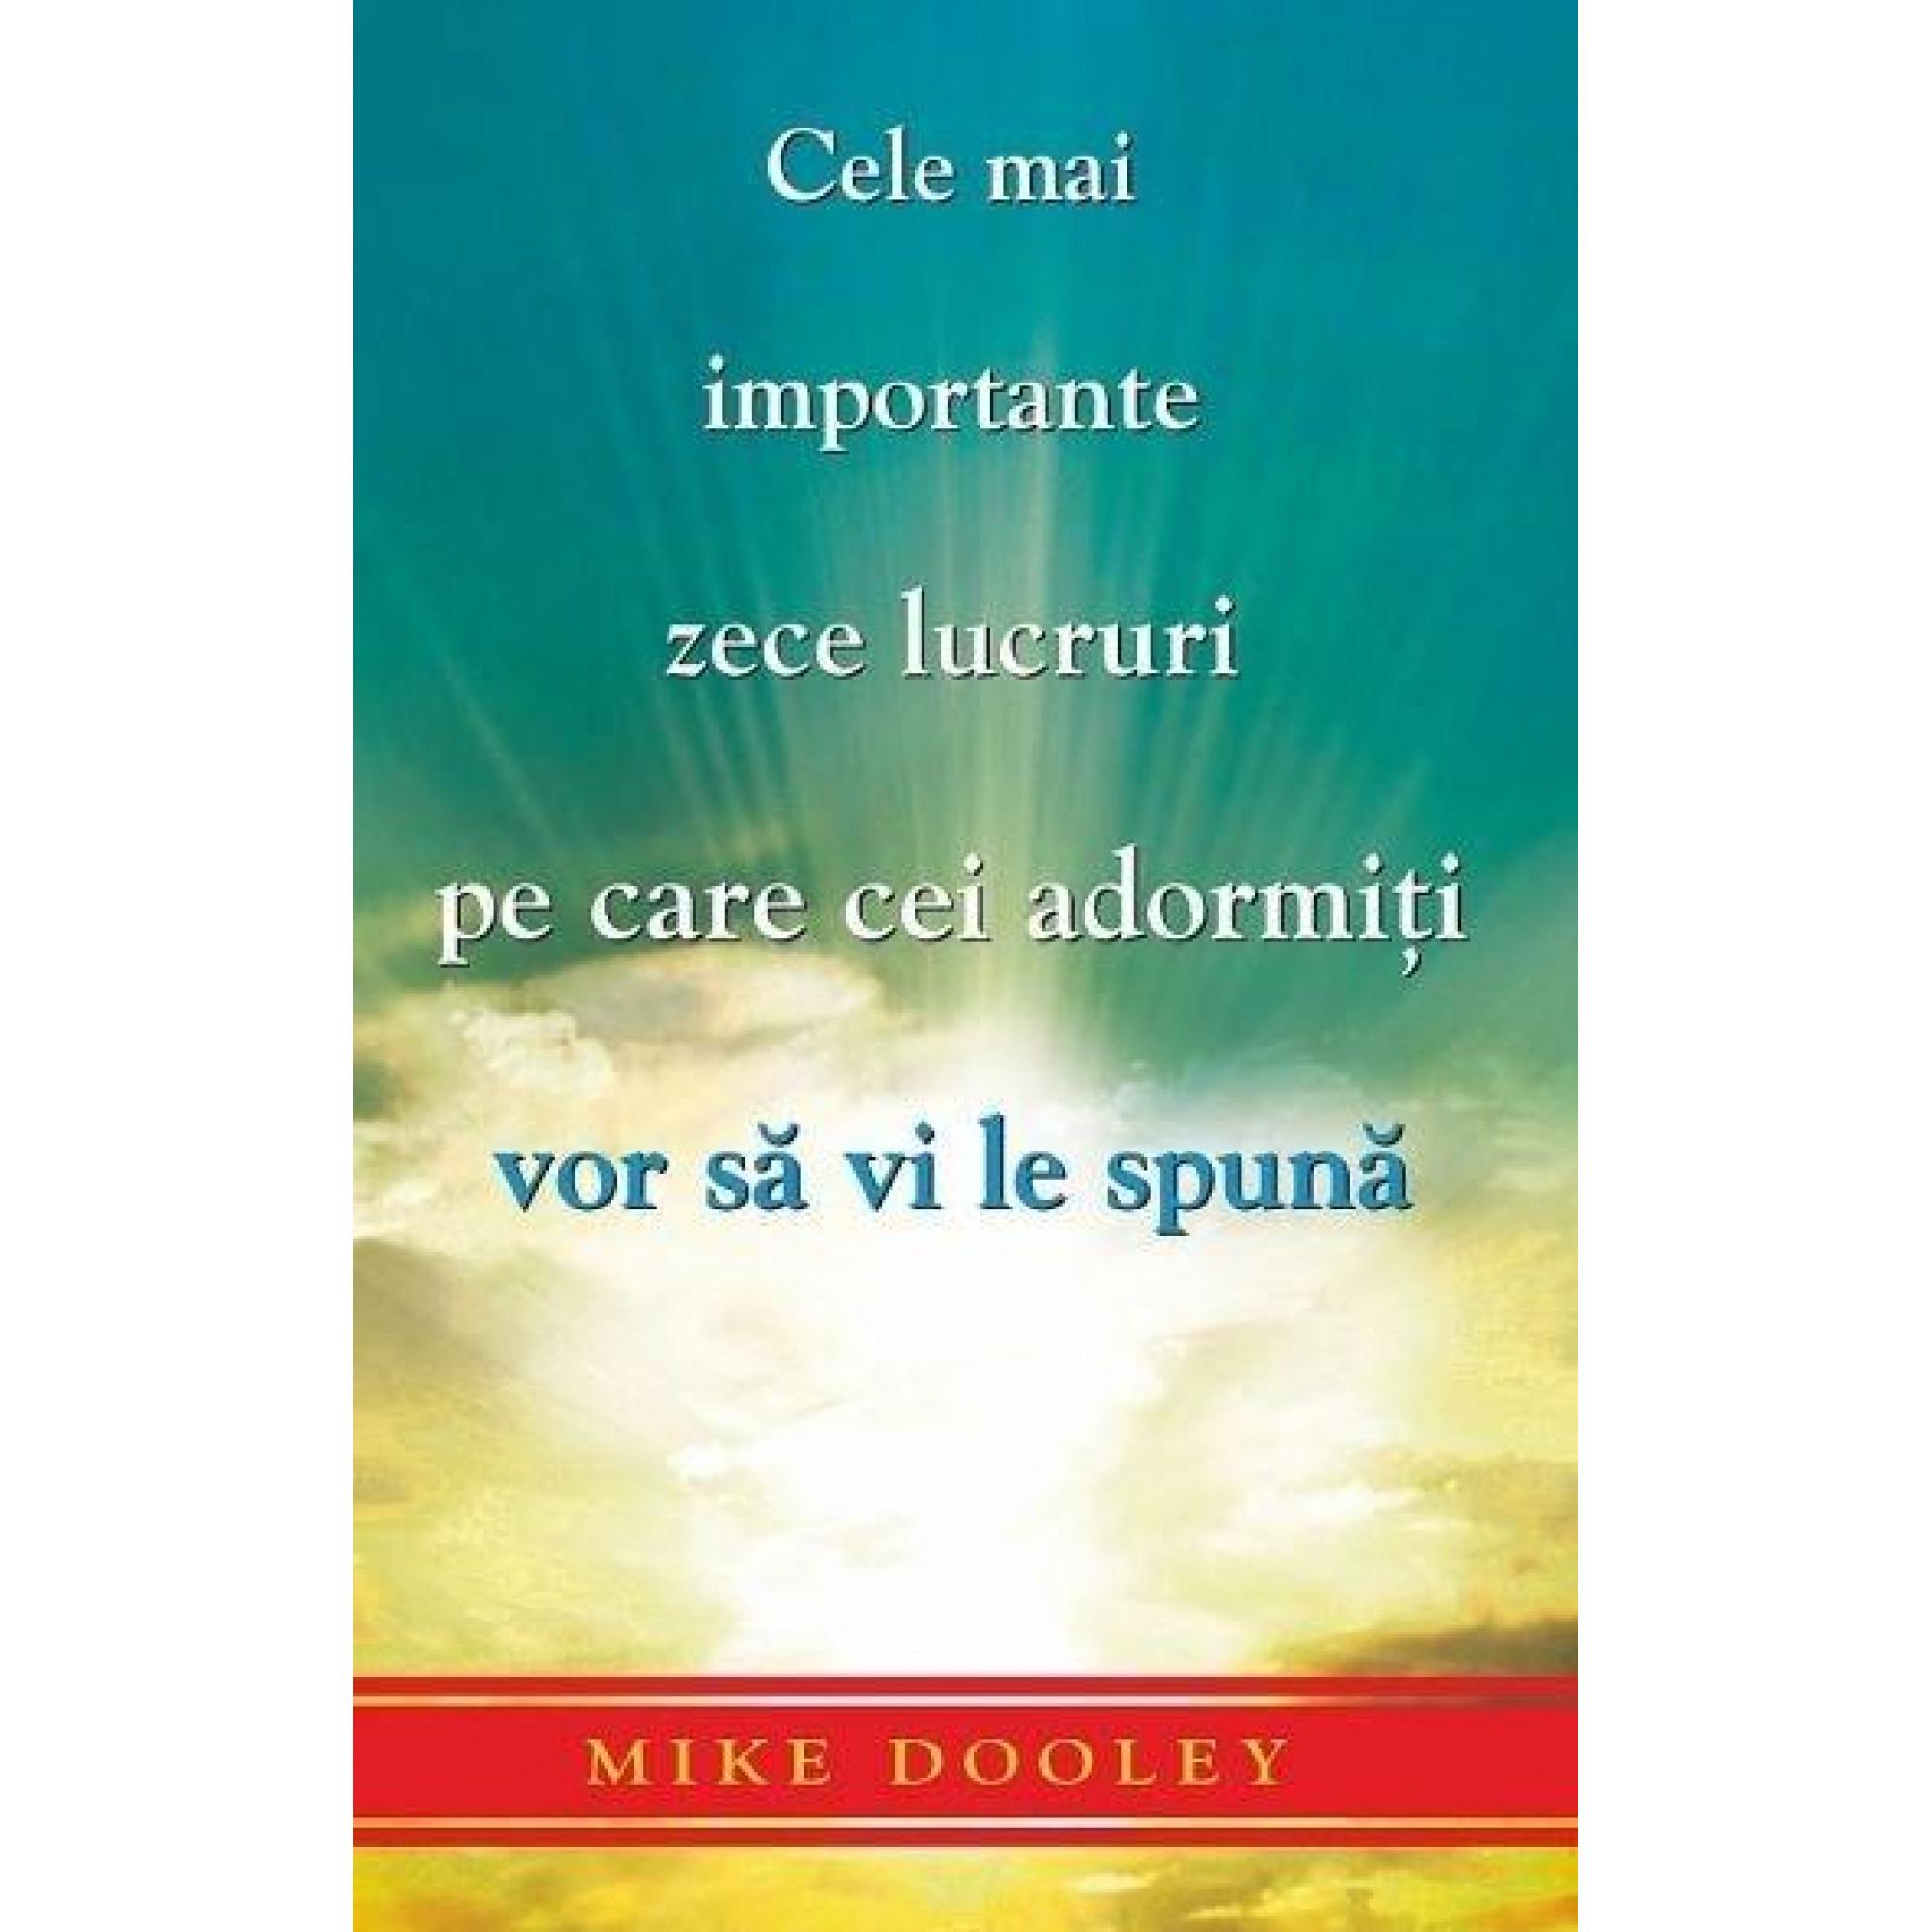 Cele mai importante zece lucruri pe care cei adormiţi vor să vi le spună; Mike Dooley